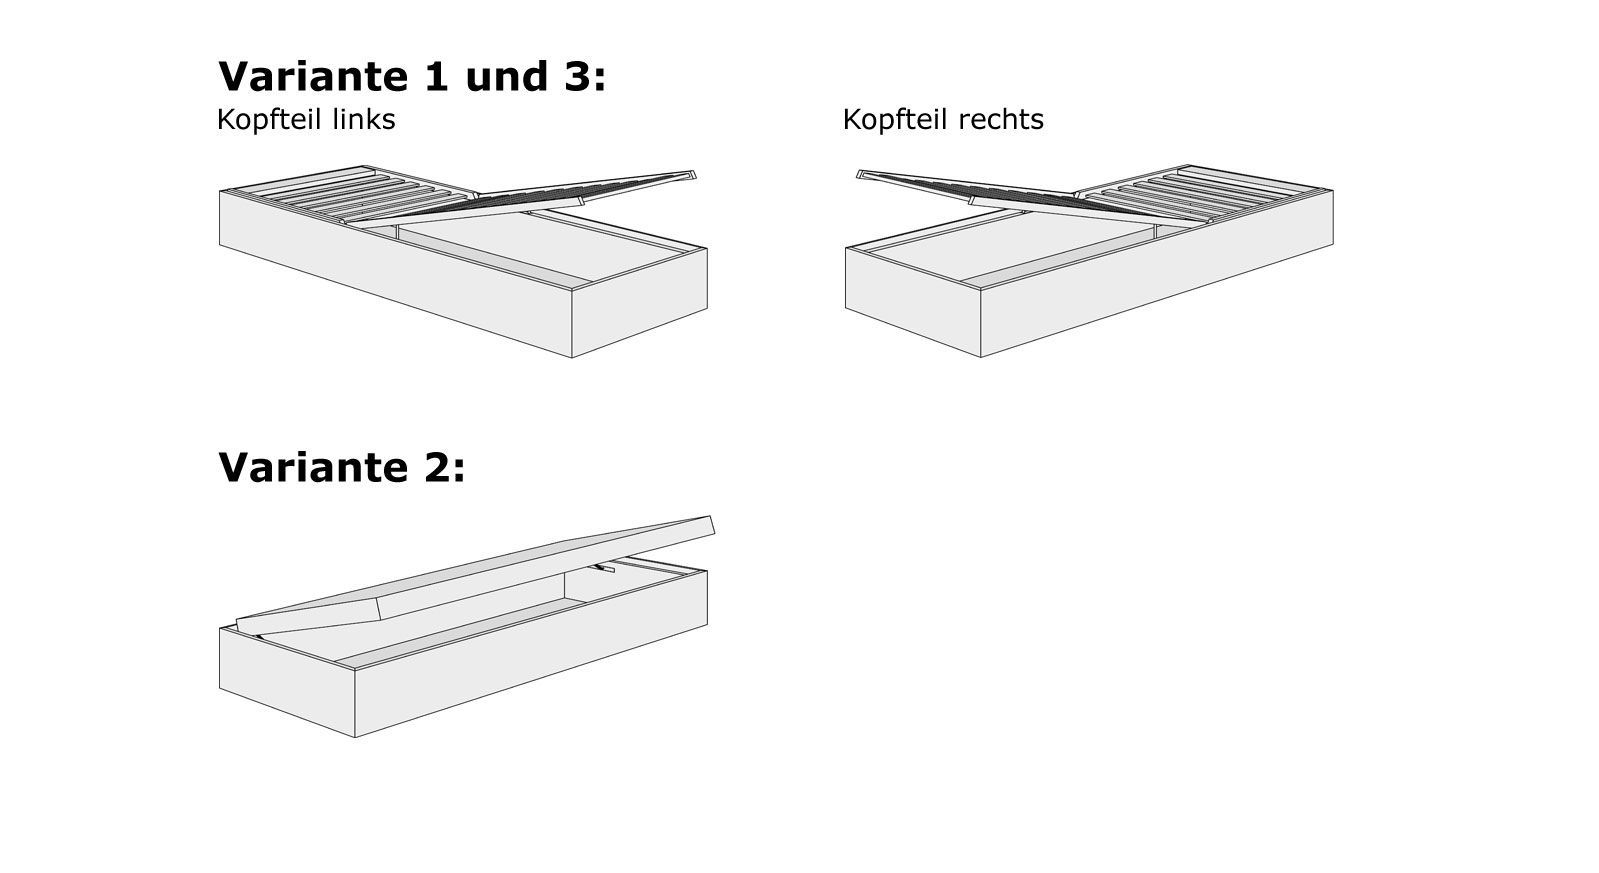 Grafik zum Bettkasten-System der Relaxliege